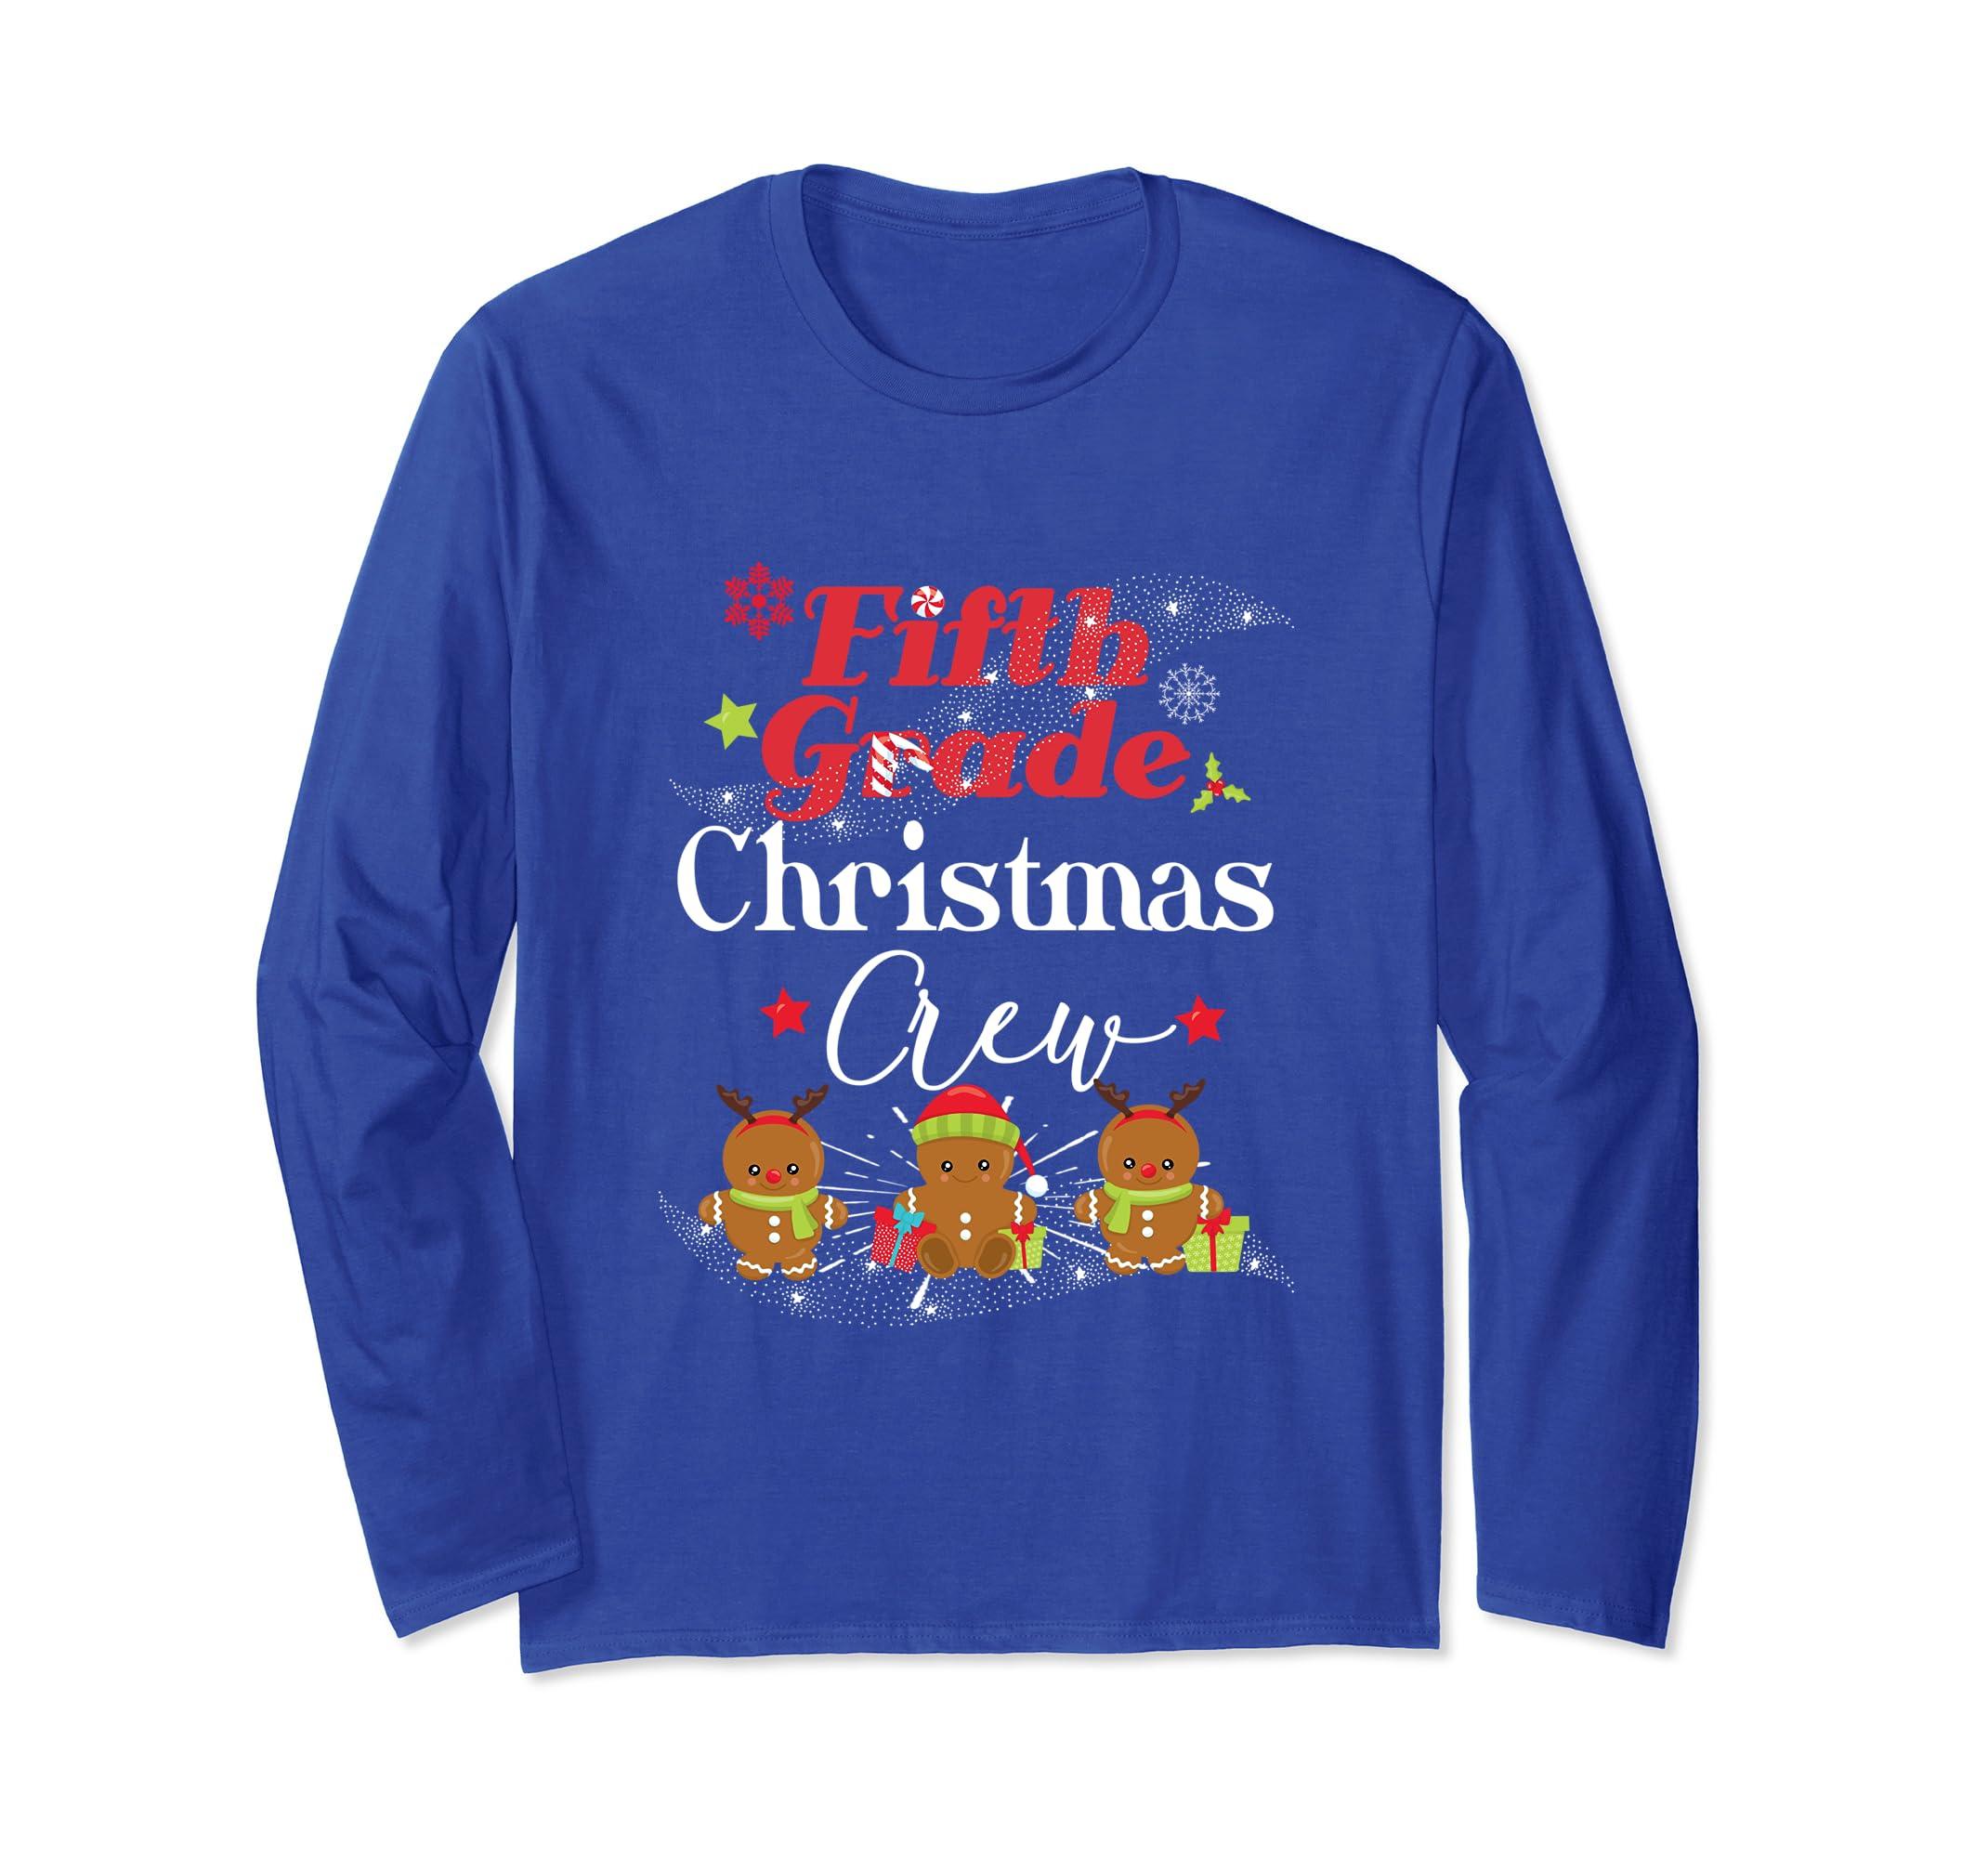 5th Grade Christmas Crew Teacher Gift Longsleeve Shirt-ln